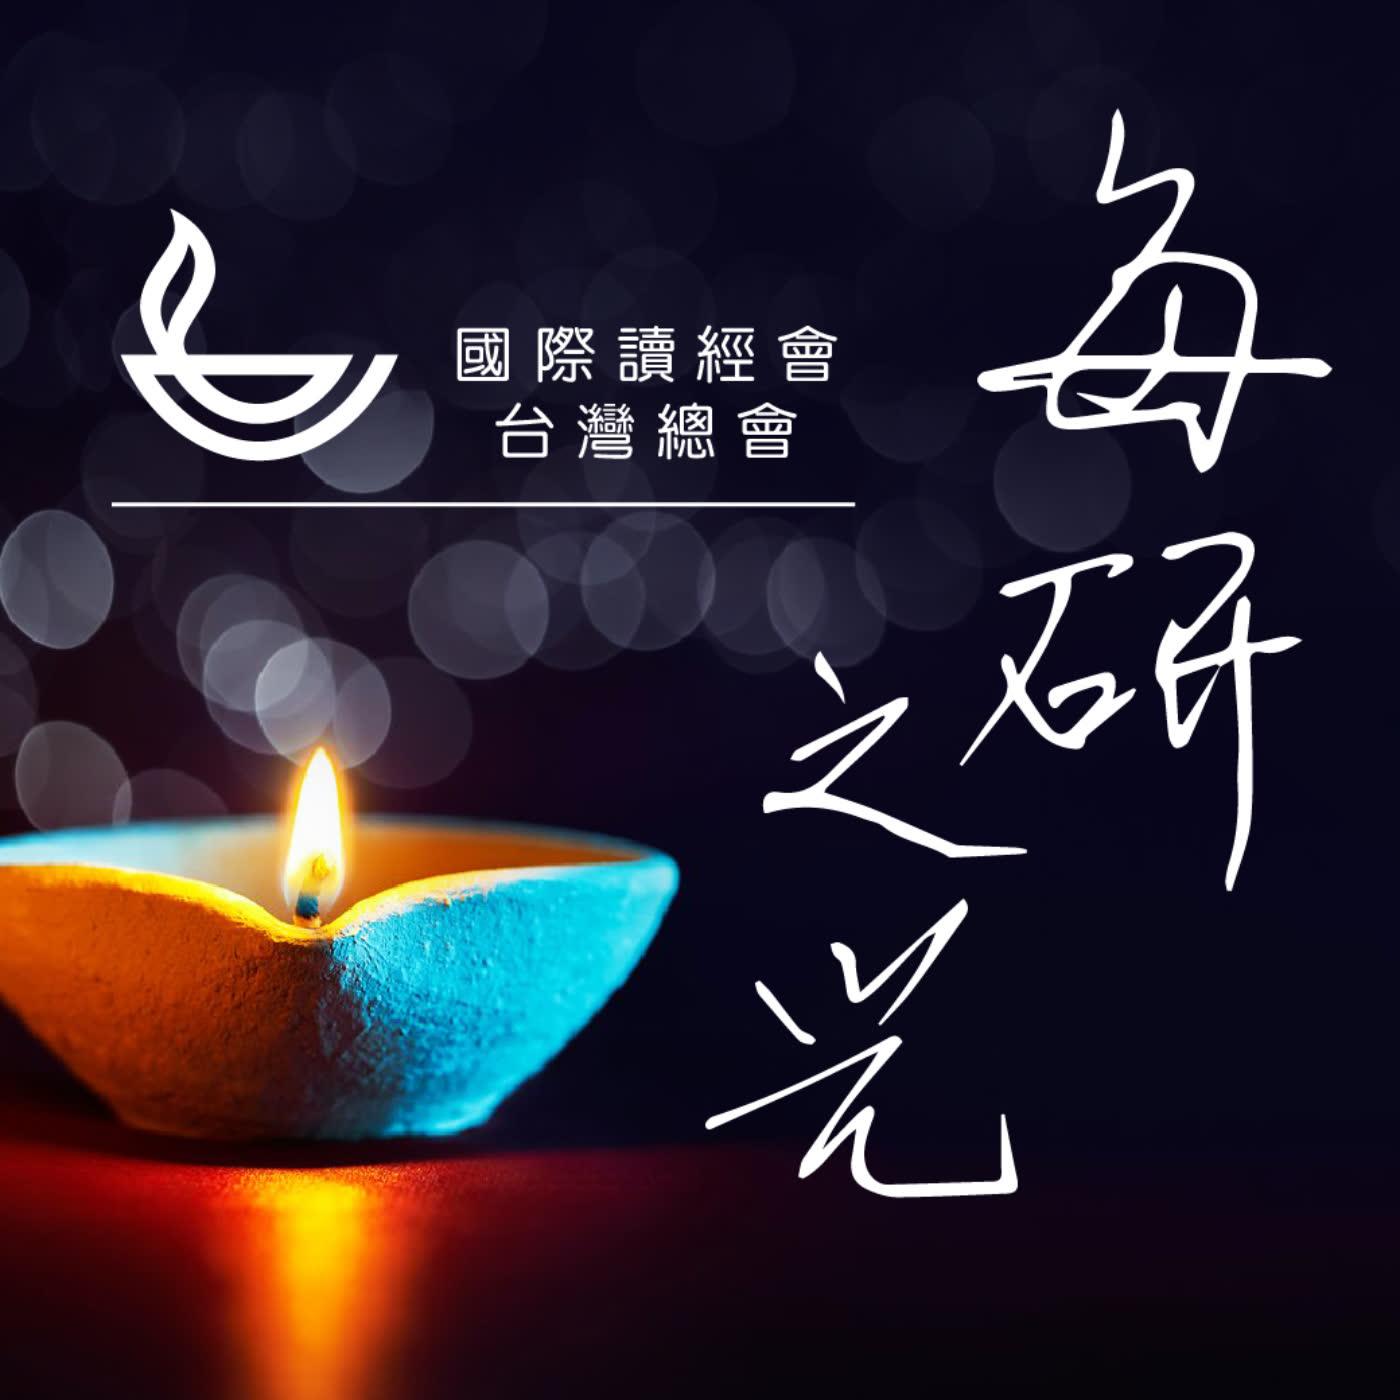 每研美言2021-03/31(哀5-1-22)回轉的指望在上帝EP08